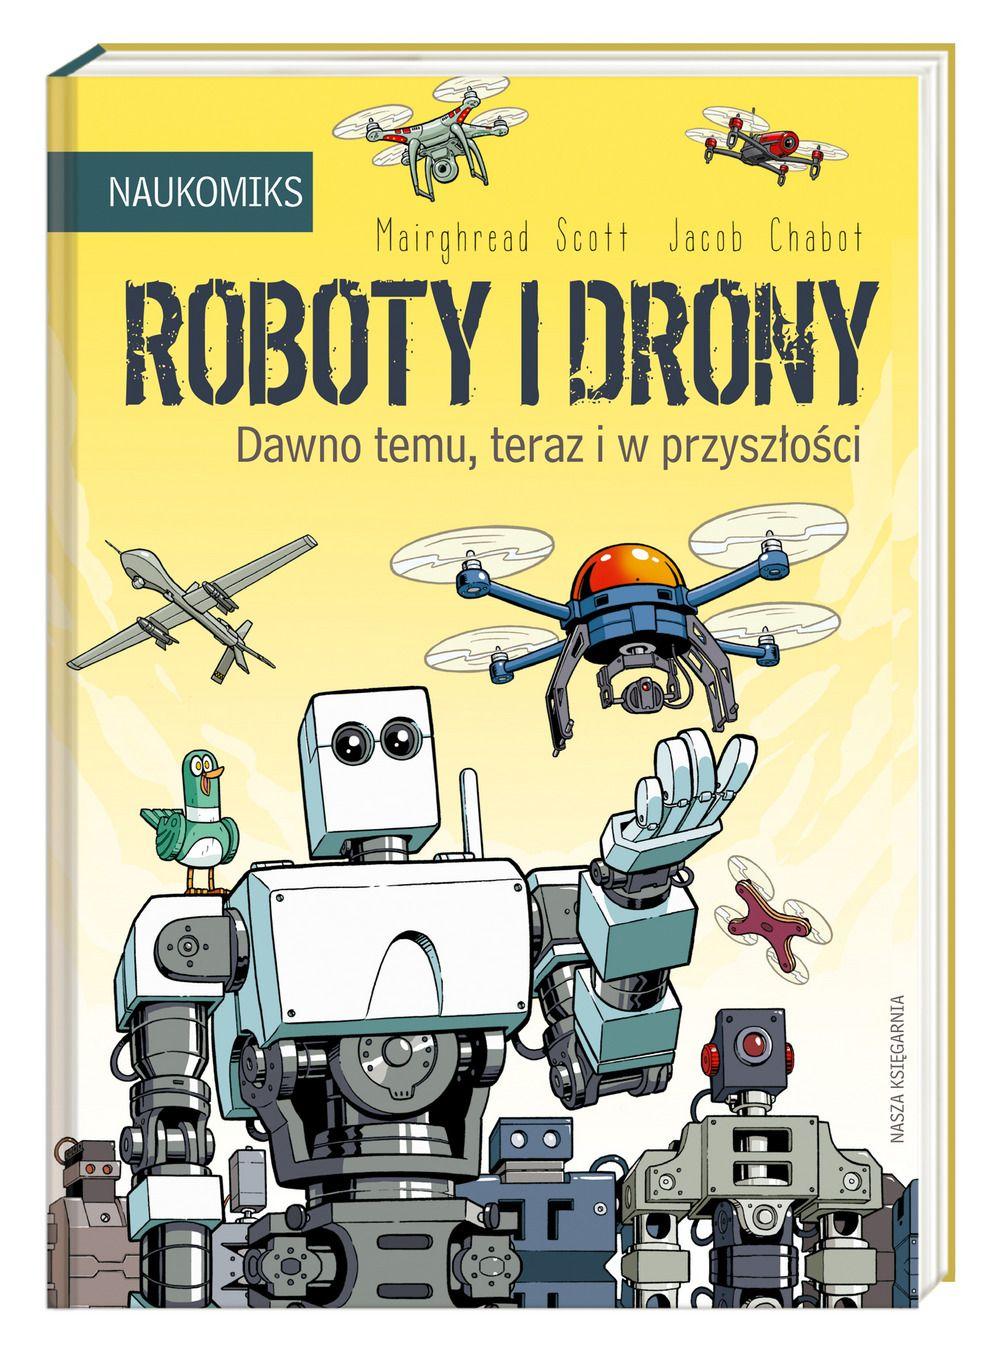 Roboty i drony - dawno temu, teraz i w przyszłości